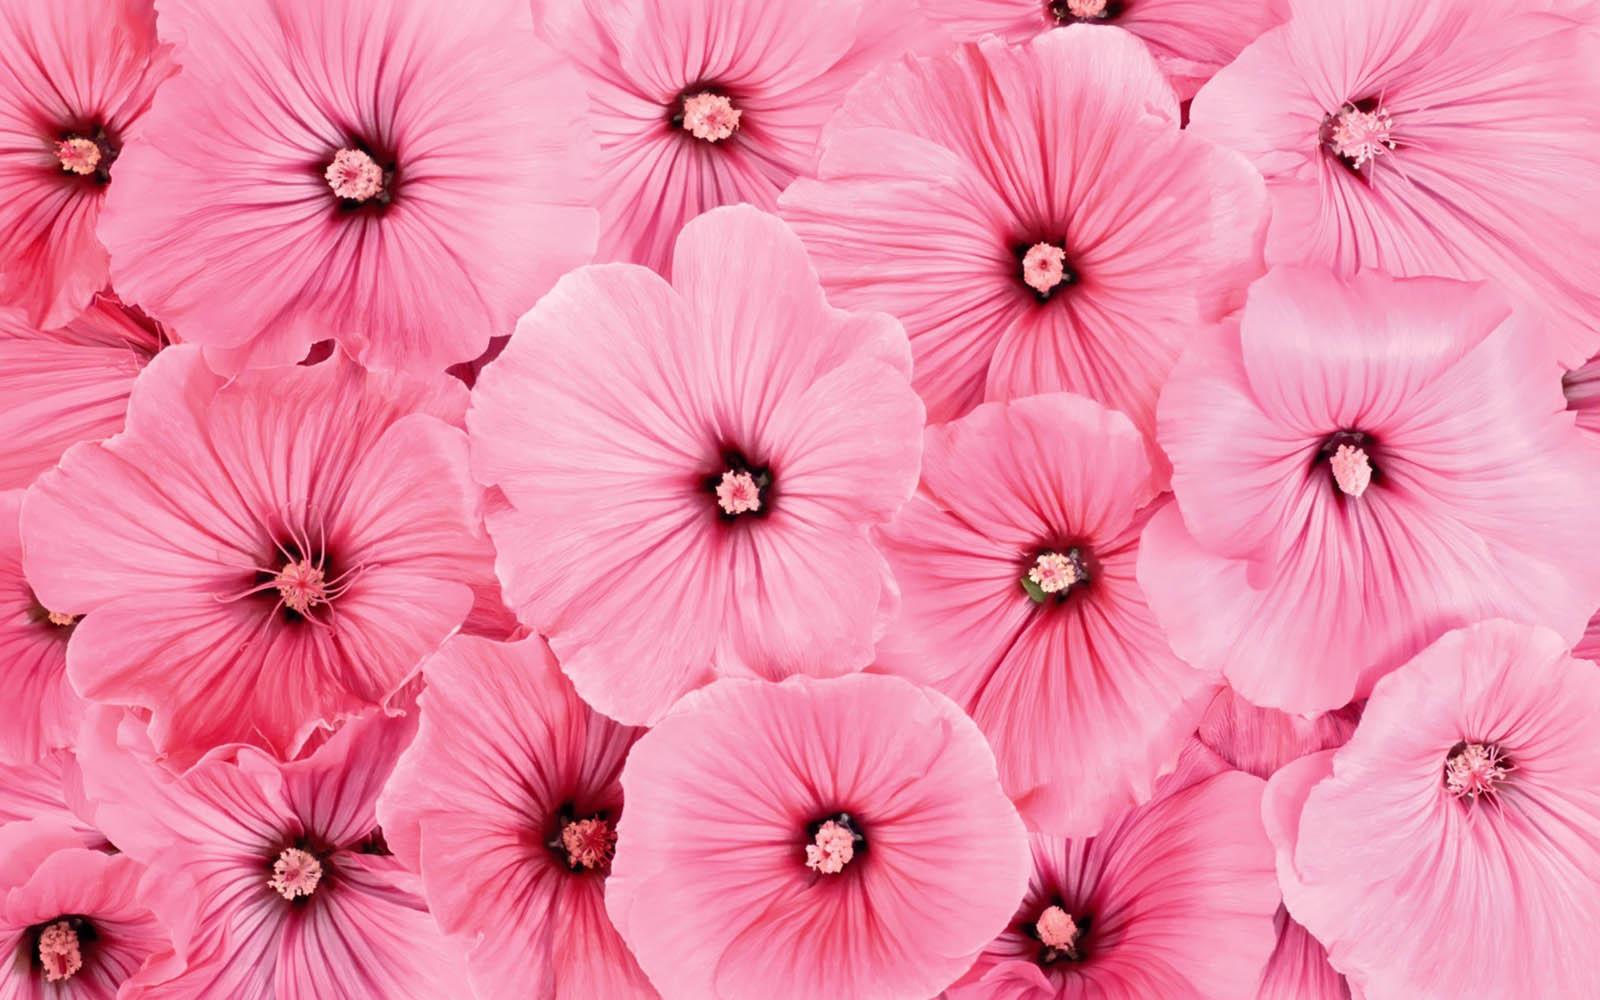 Pink Flowers Wallpapers PinkFlowers Desktop Wallpapers Pink 1600x1000